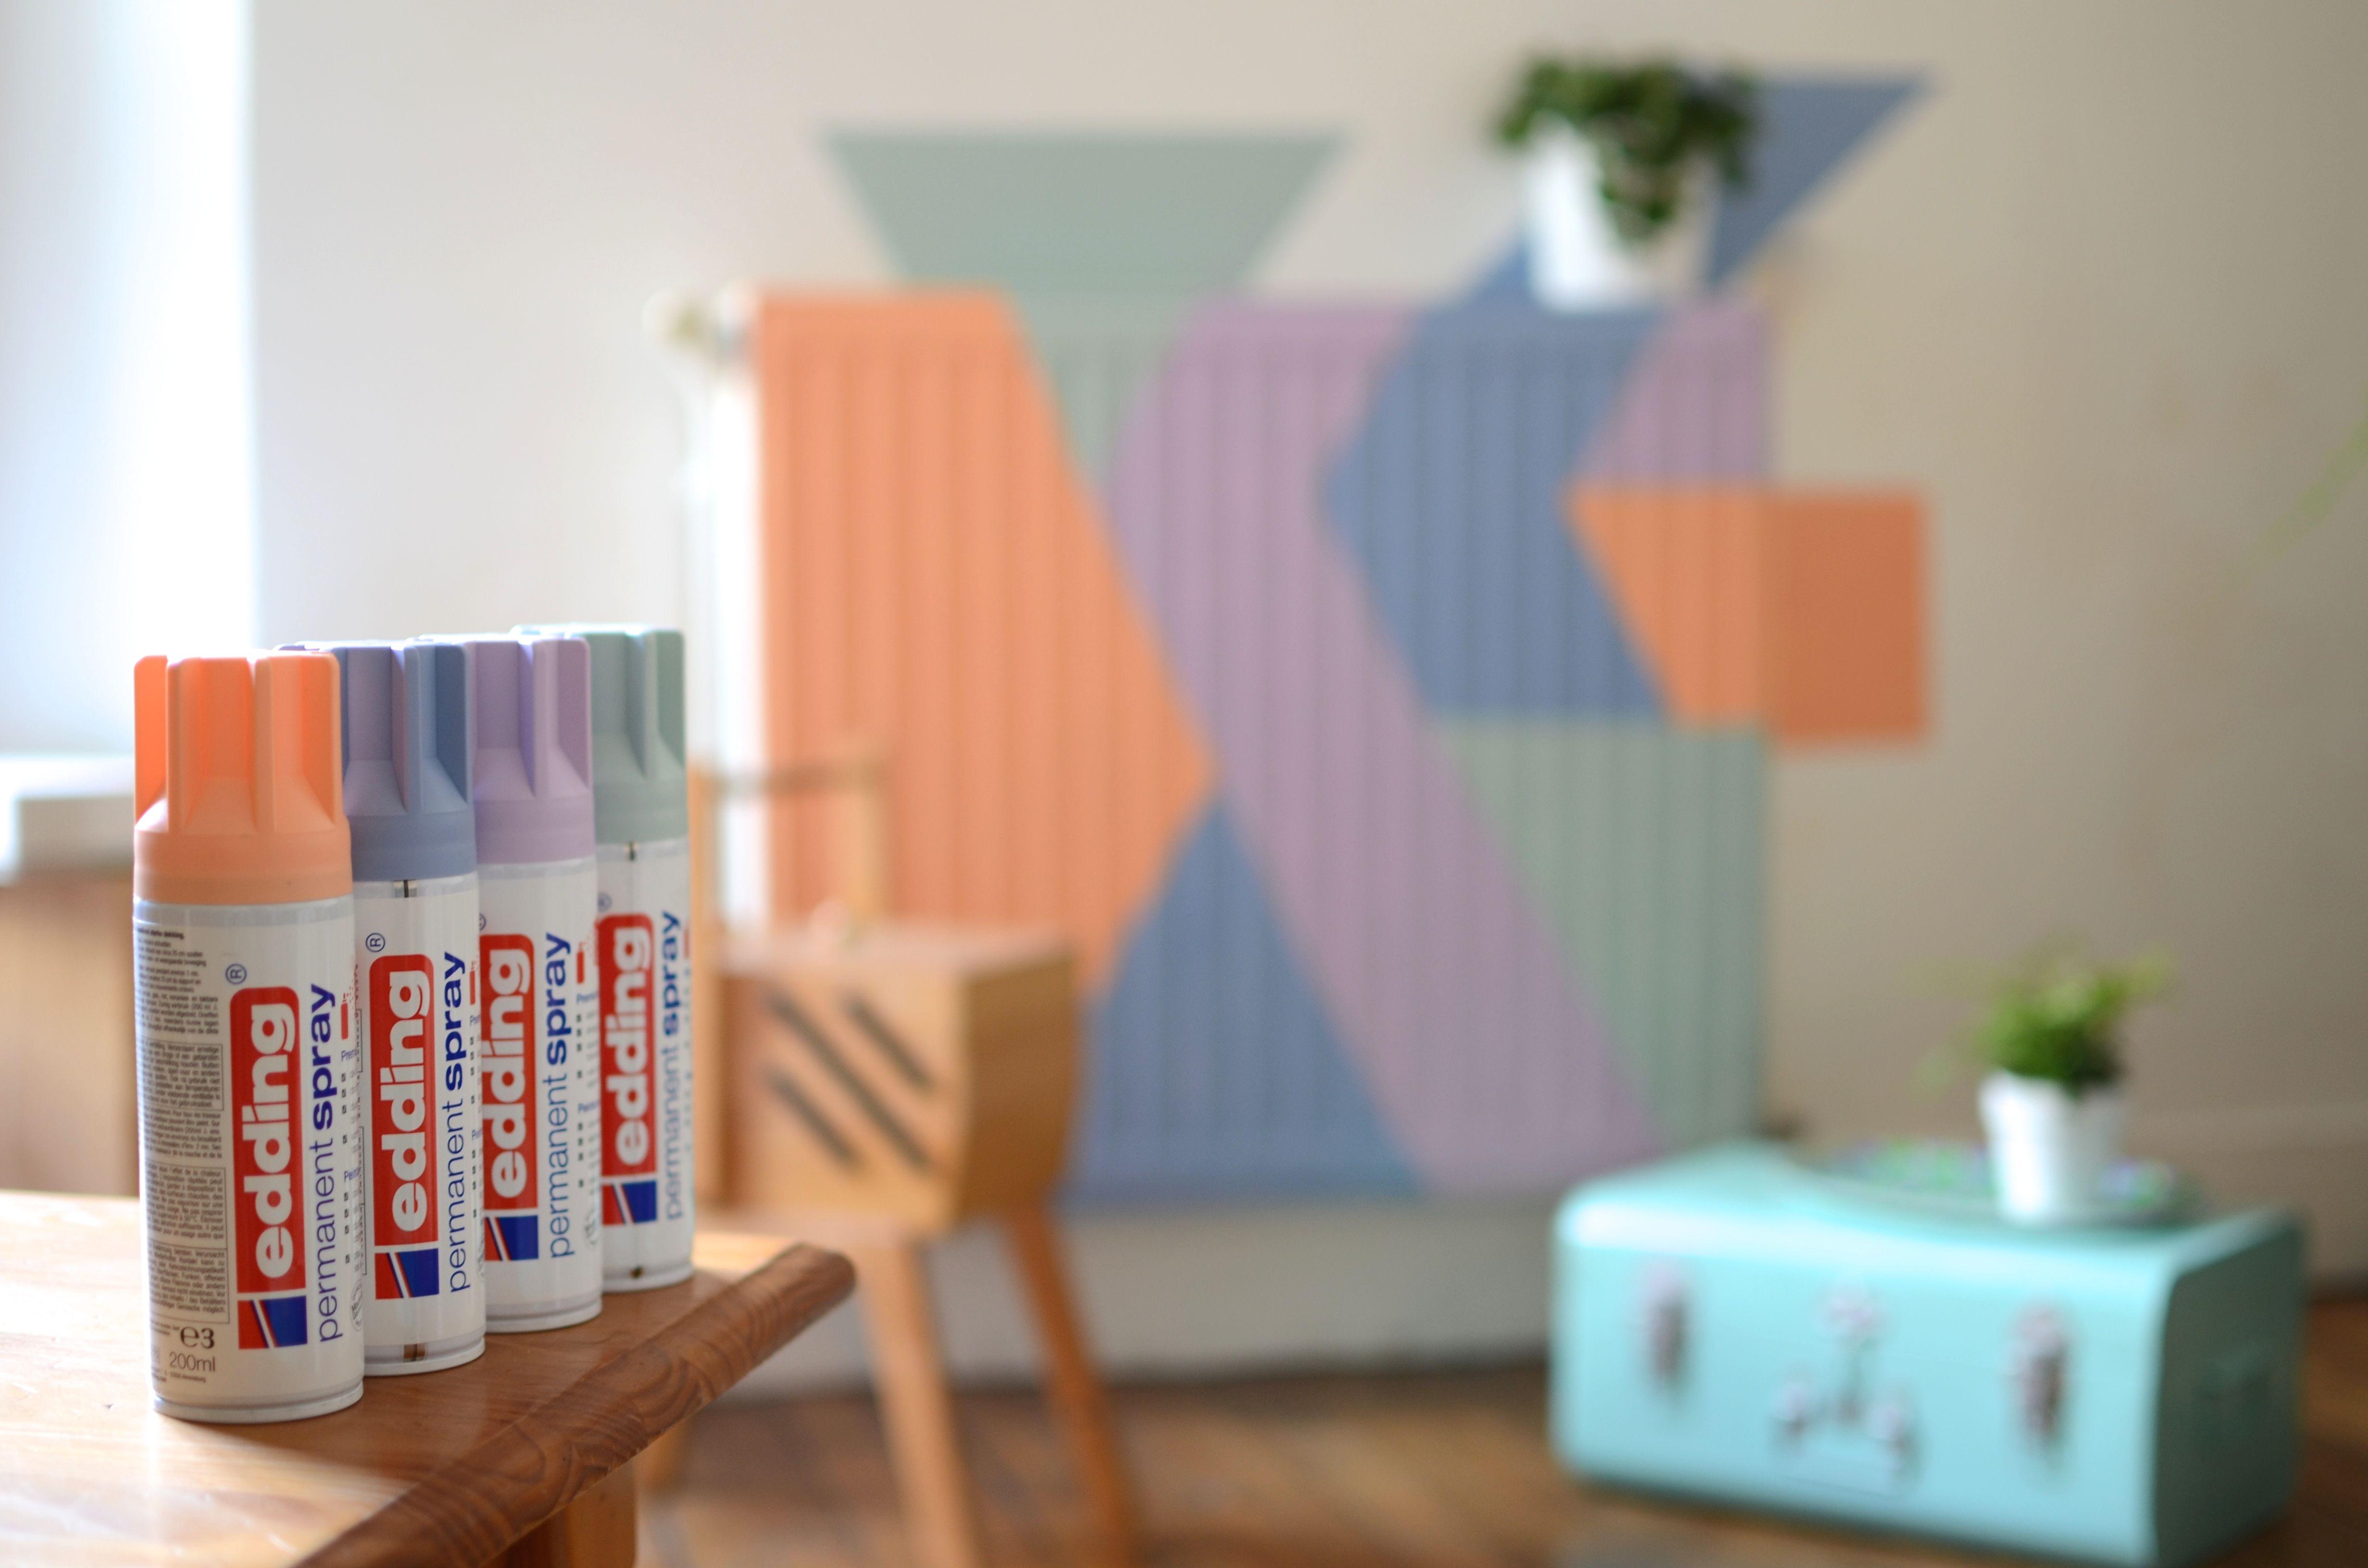 upcycling - ideas - diy - decor - easy - creative - edding spray